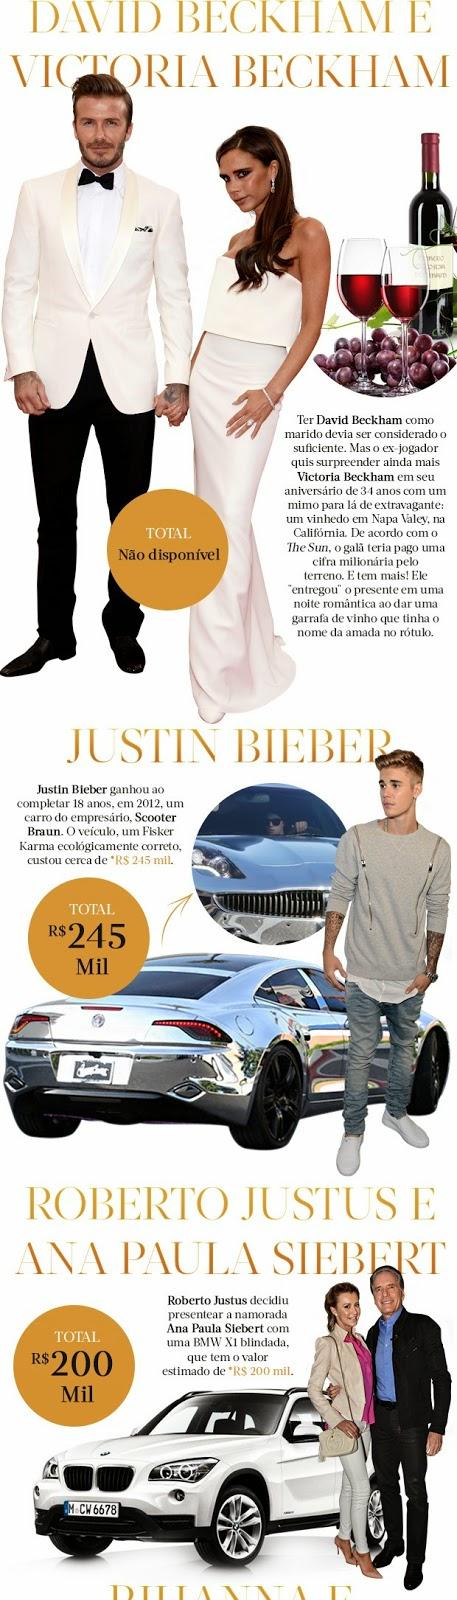 Os presentes mais caros do mundo das celebridades que ultrapassaram os limites da ostentação